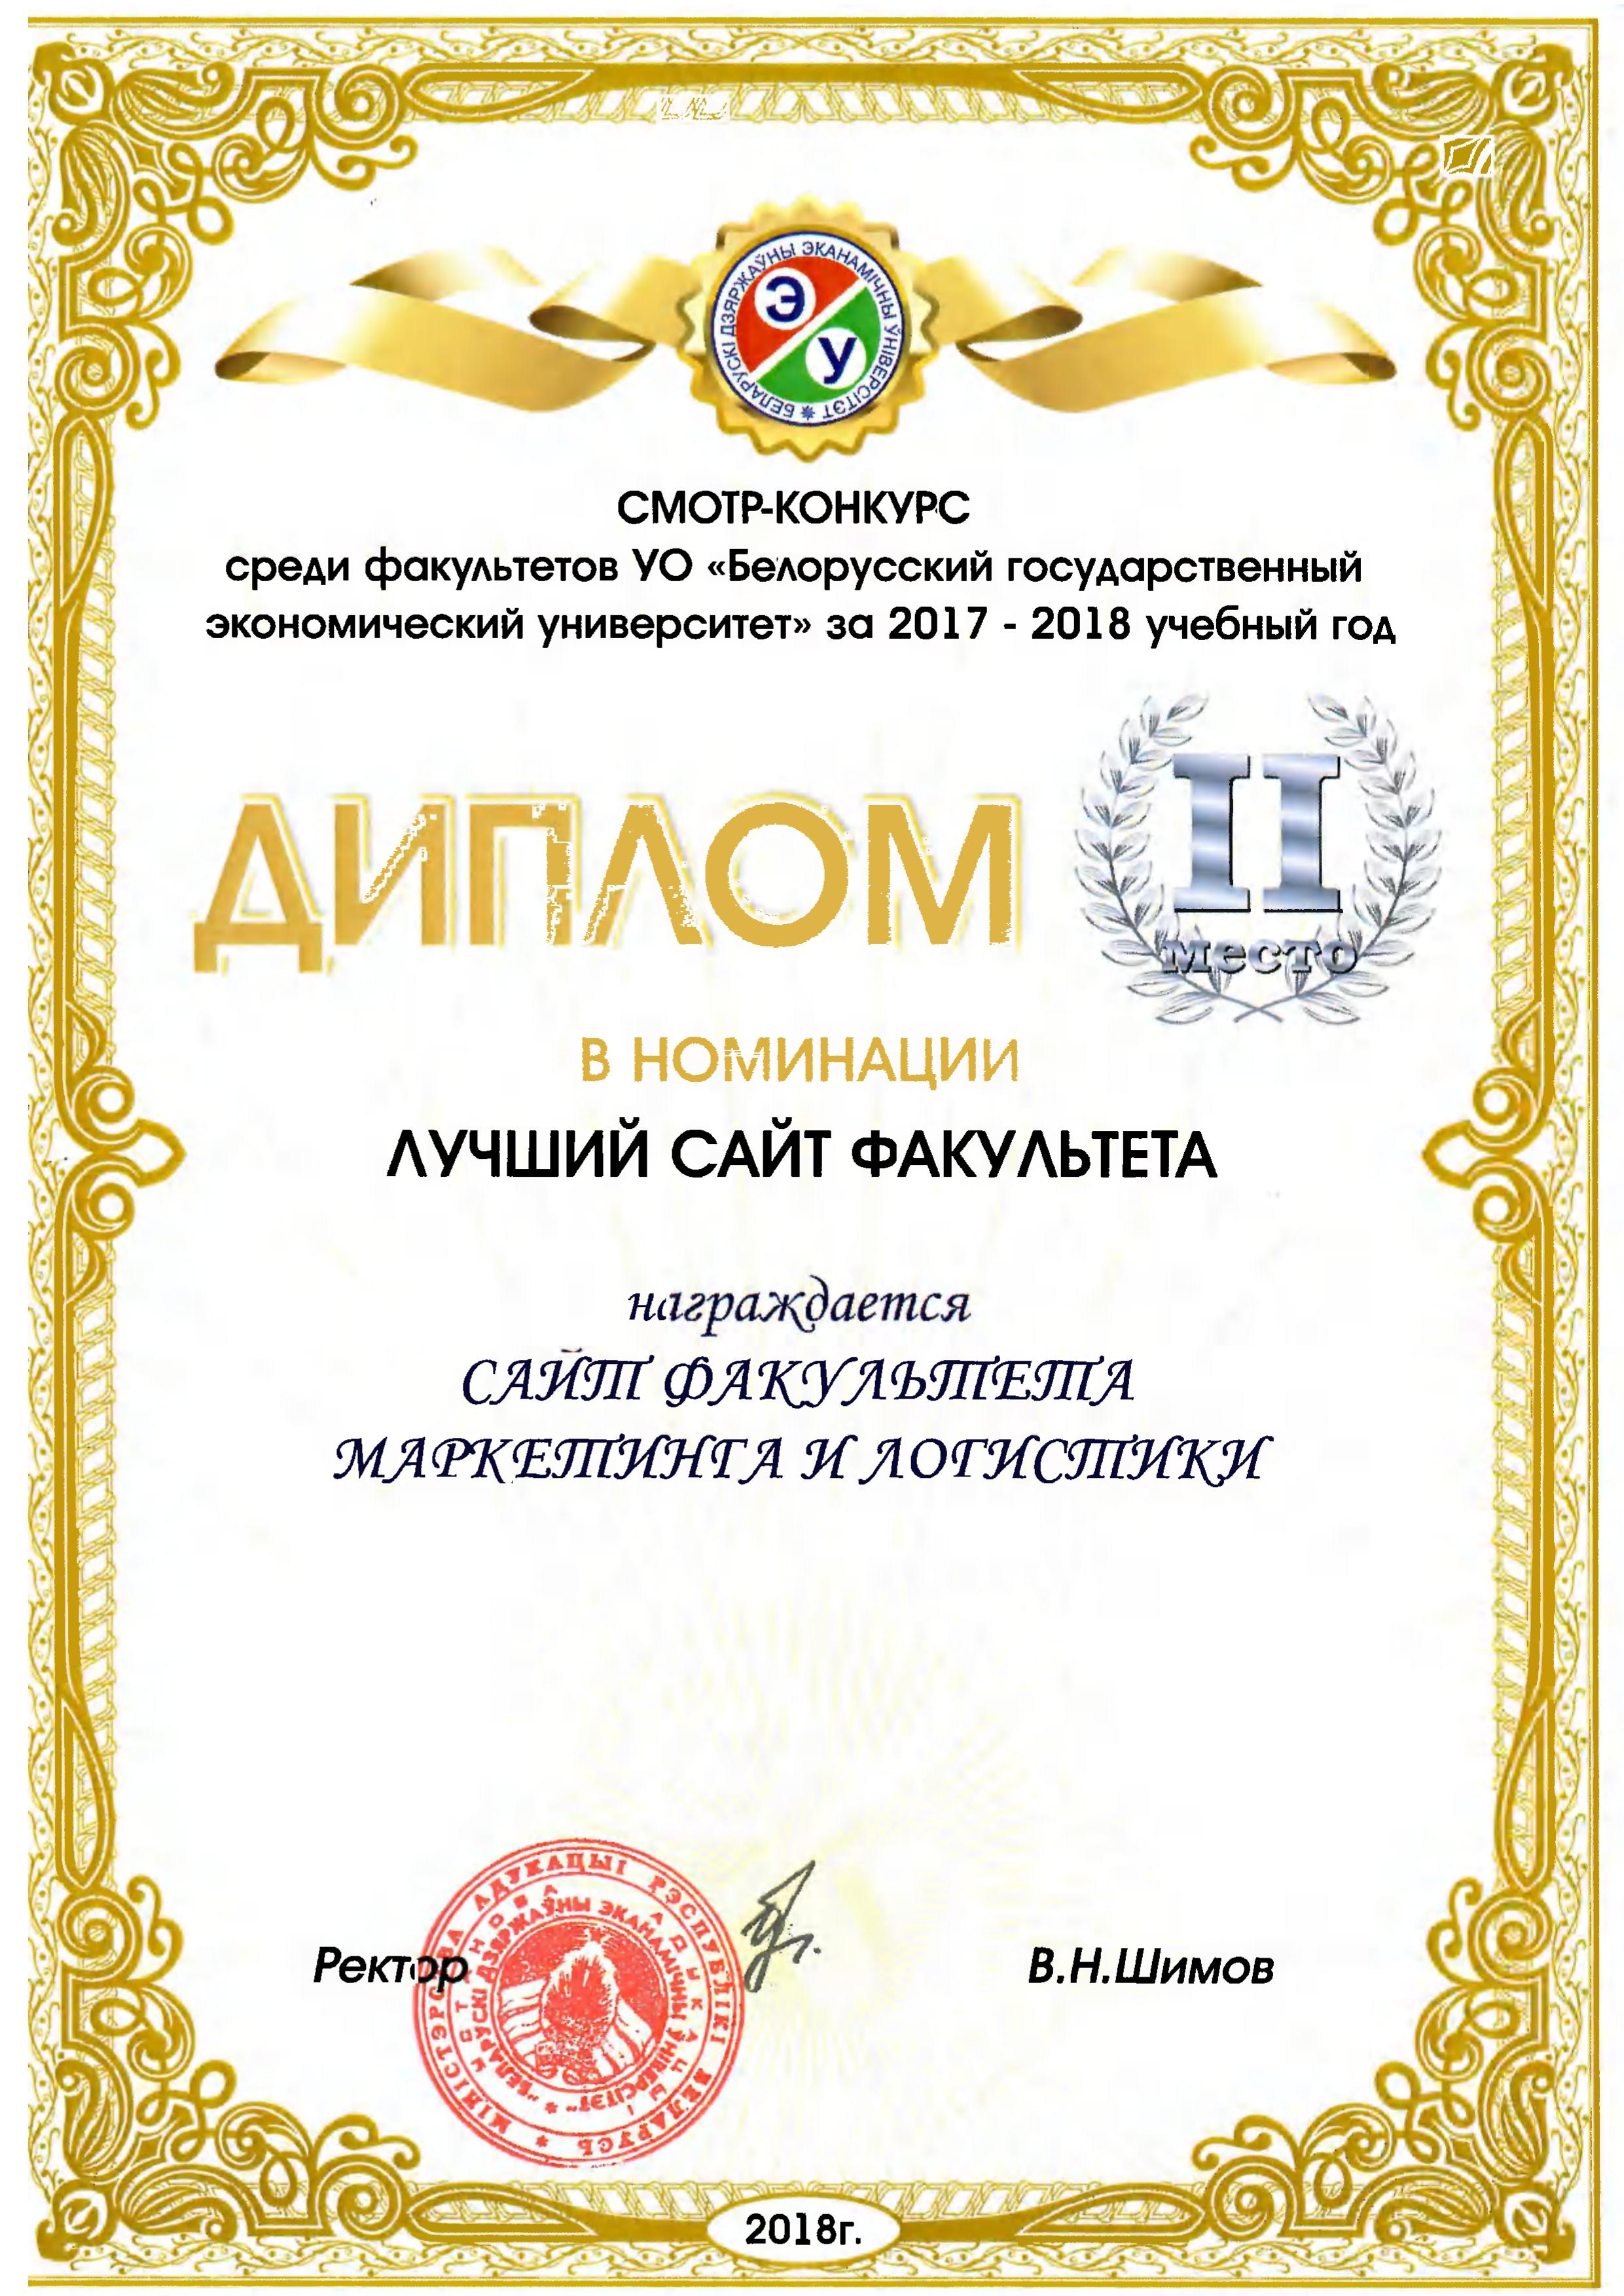 Второе место в номинации Лучший сайт факультета - БГЭУ 2018